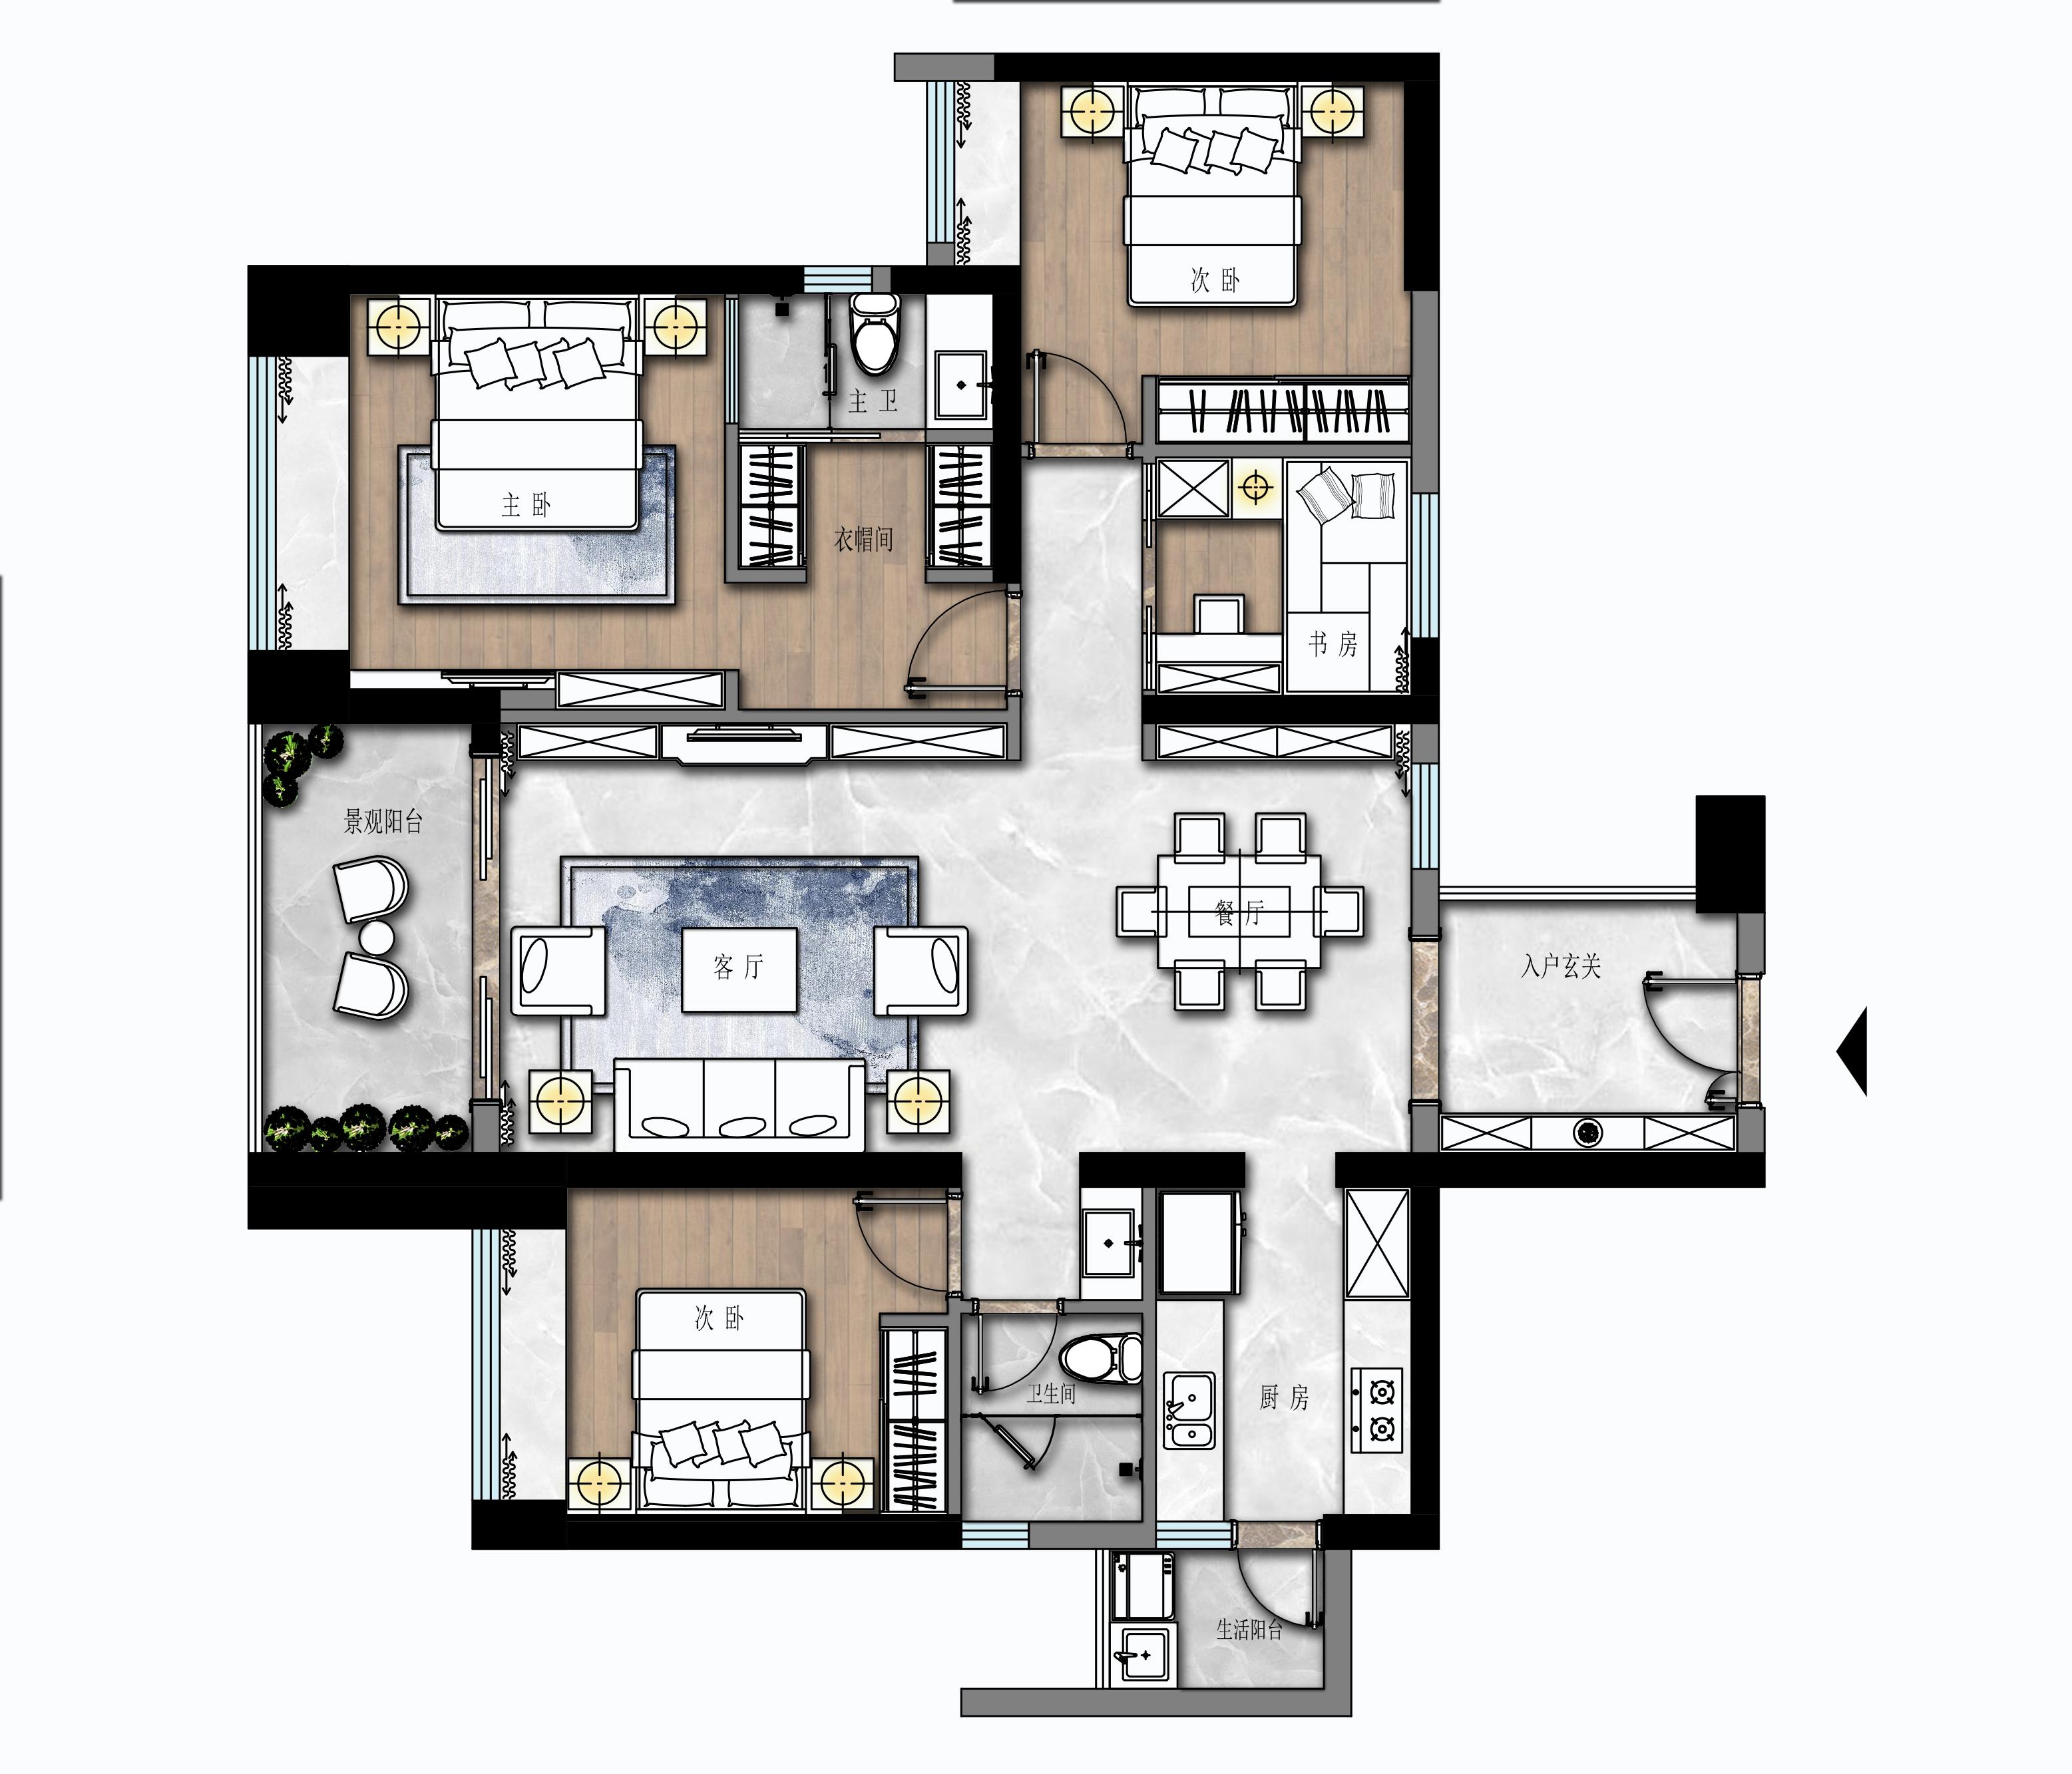 绿景红树湾壹号139㎡-现代简约风格案例-高端装修效果图装修设计理念